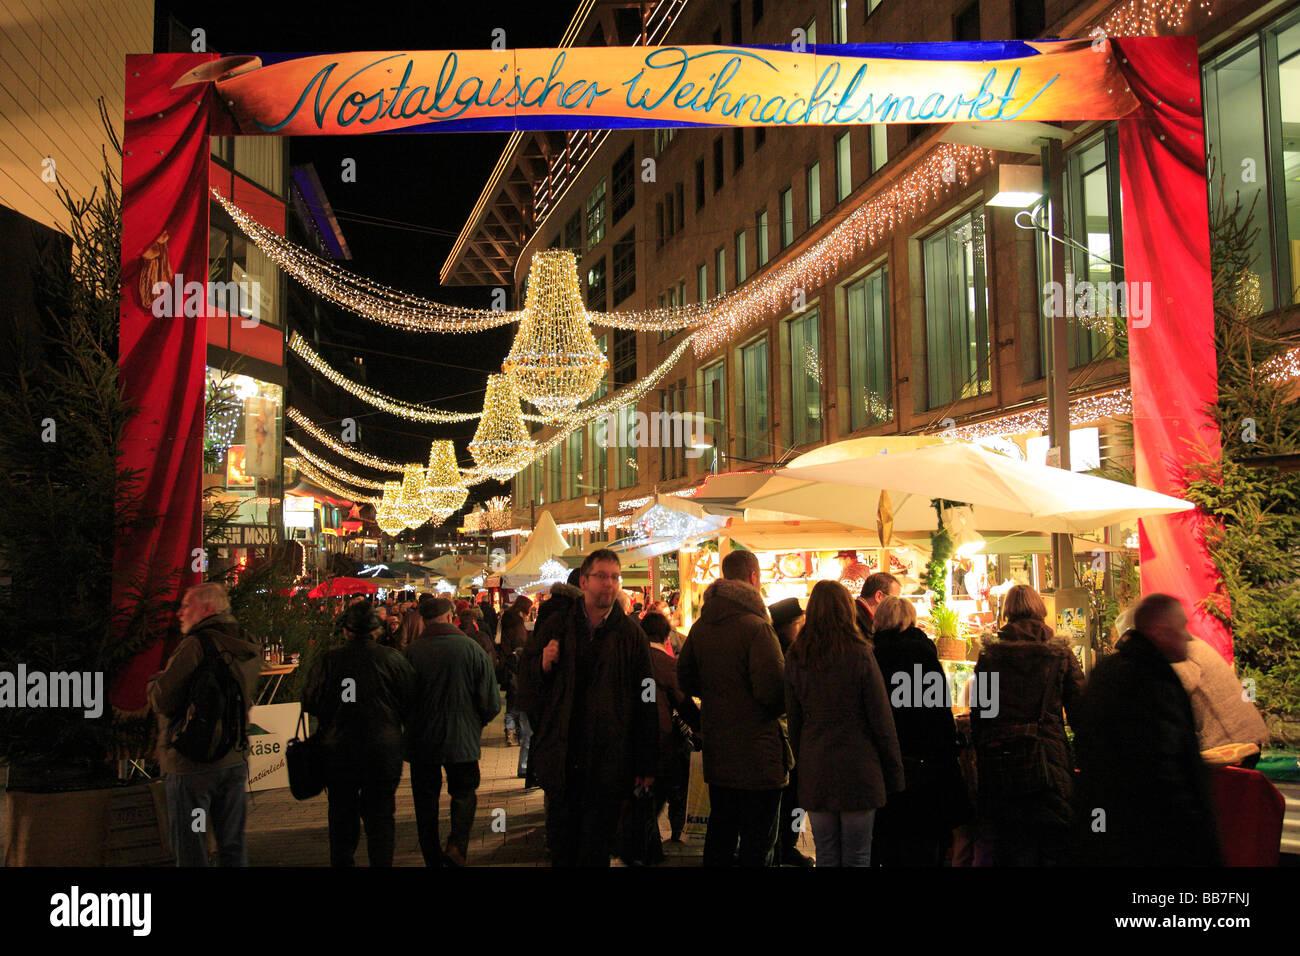 D-Bochum, Ruhrgebiet, Nordrhein Westfalen, Festtage, Advent, Weihnachten, Weihnachtsmarkt, Stall, Einkaufszentrum Stockbild